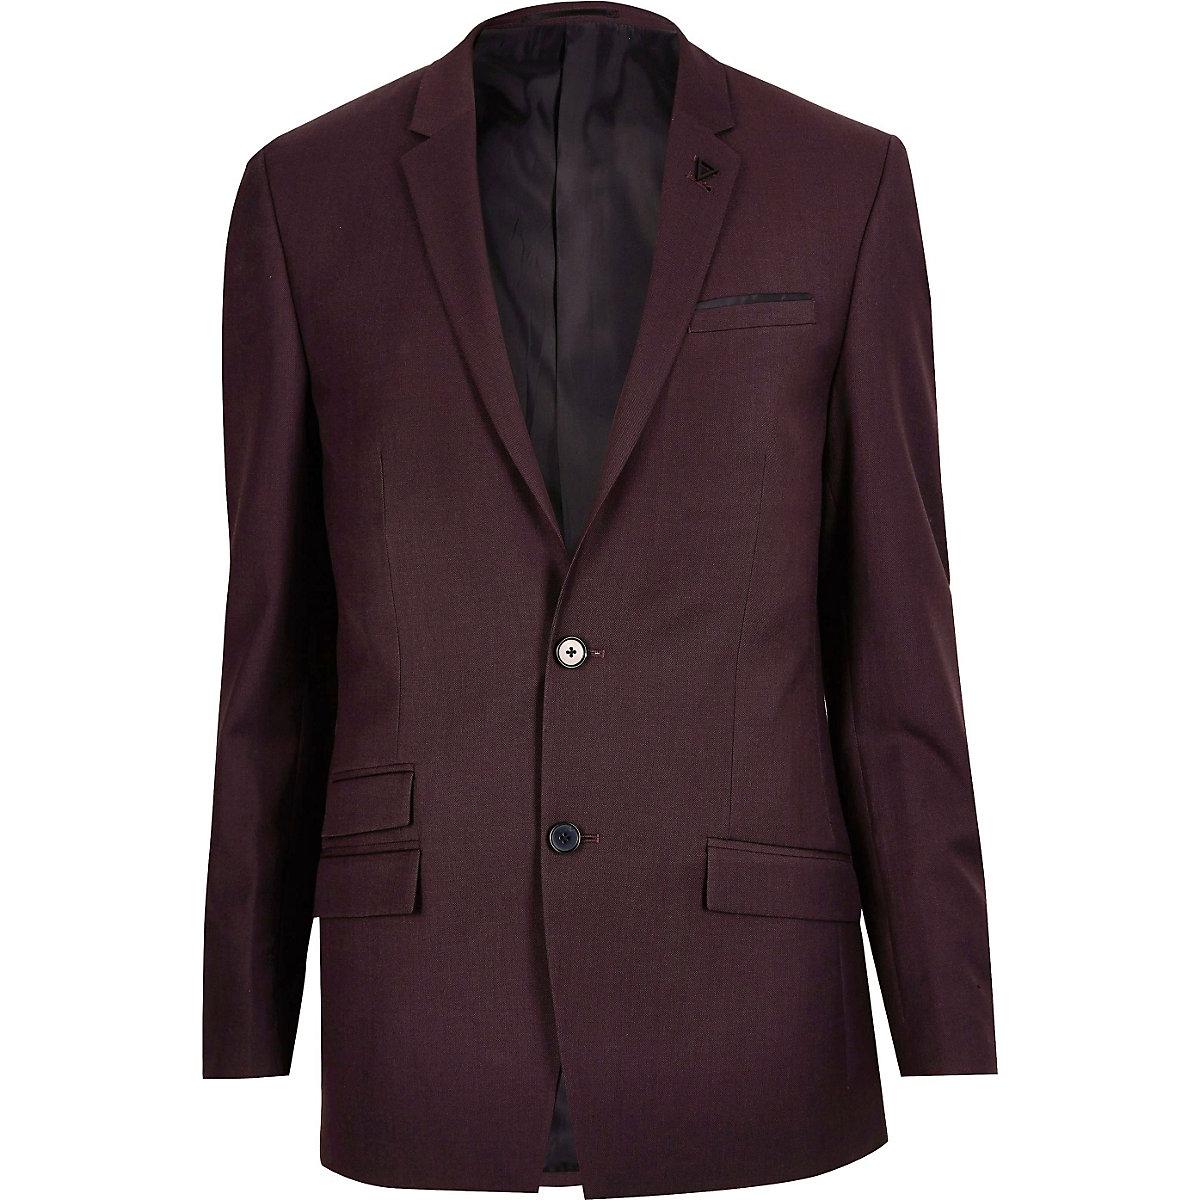 Burgundy skinny suit jacket